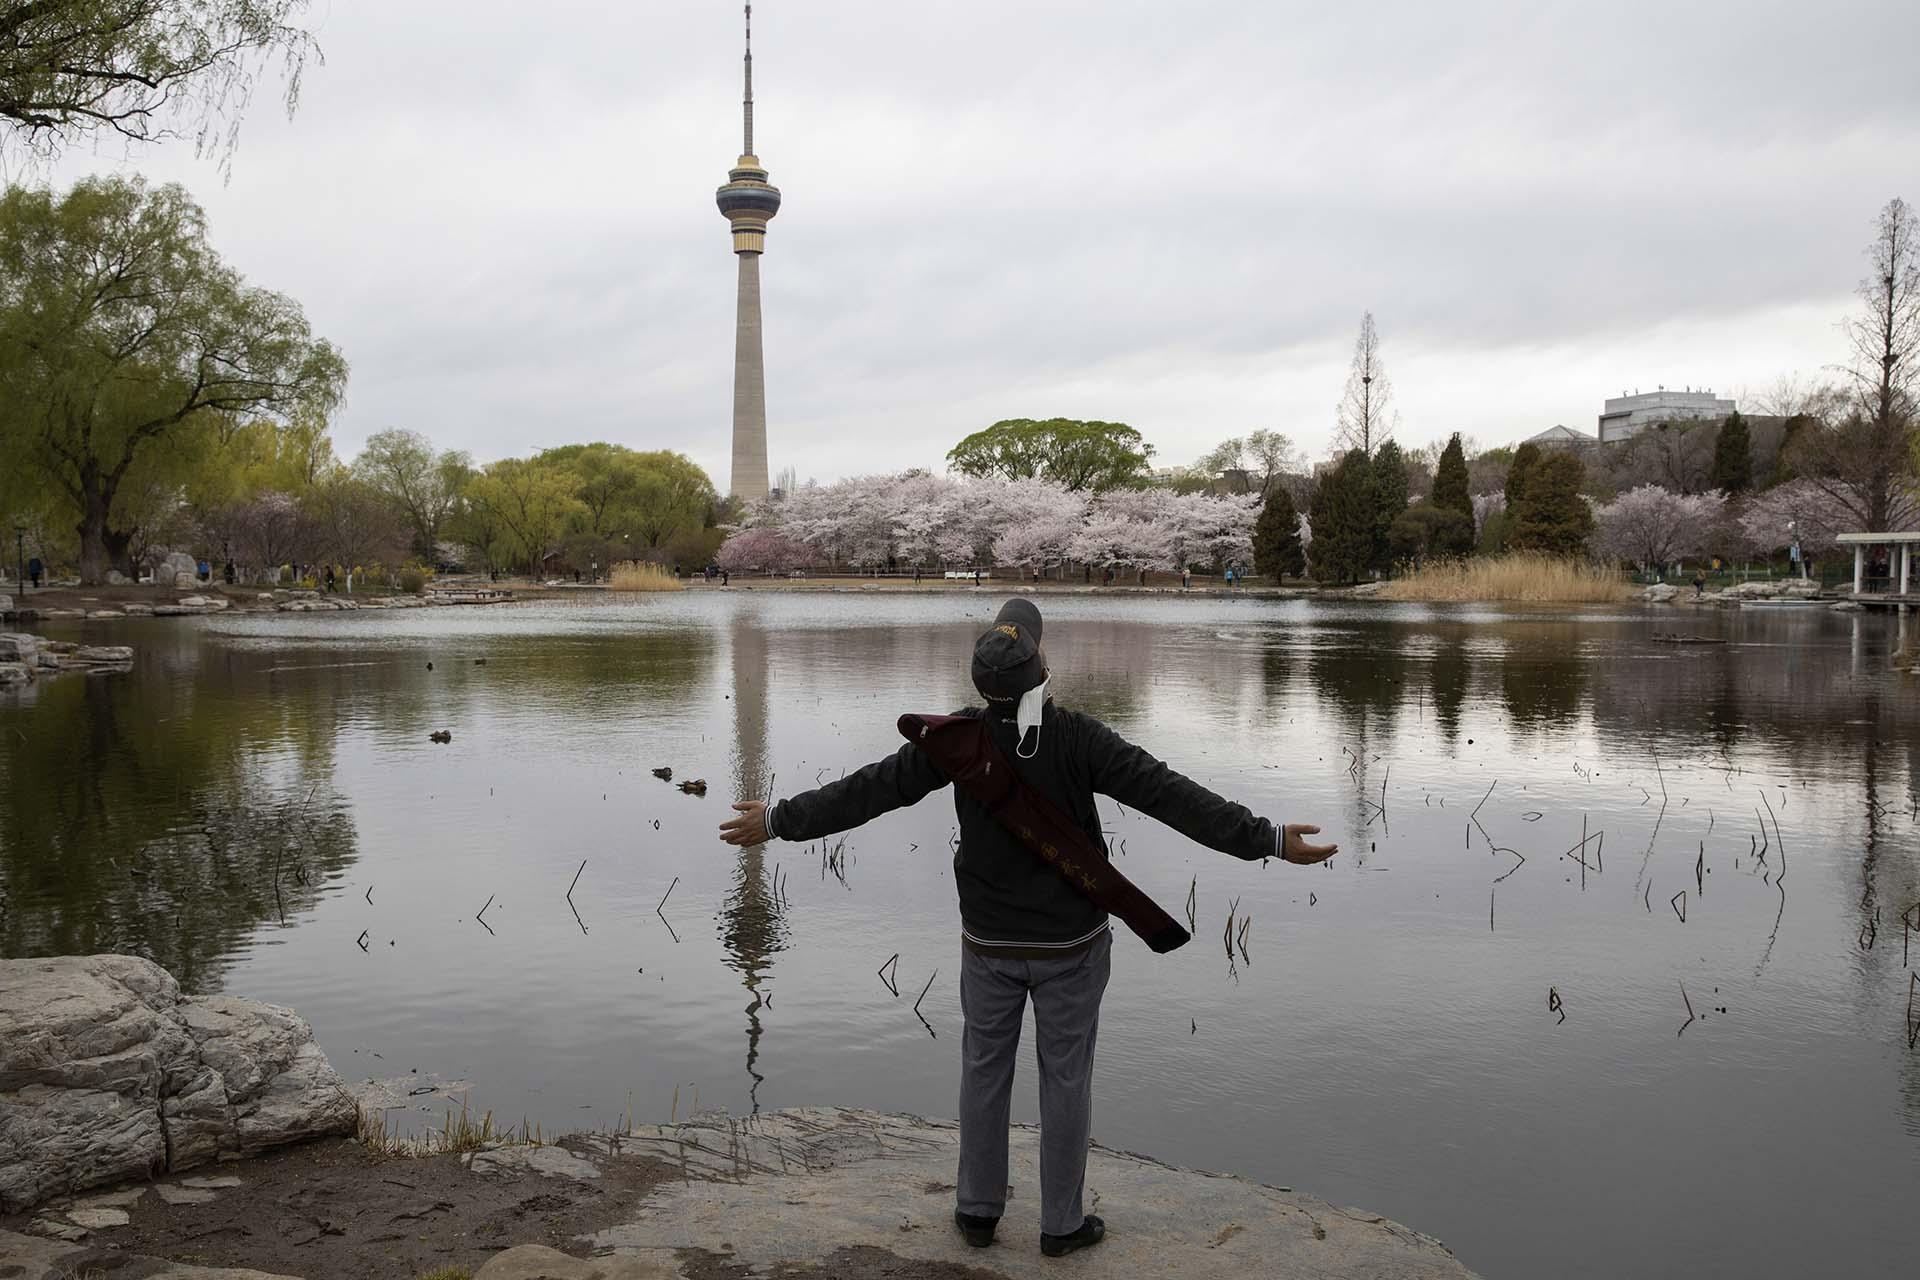 Un hombre se quita su máscara facial y respira mirando al cielo en el Parque Yuyuantan en Beijing (AP Photo/Ng Han Guan)